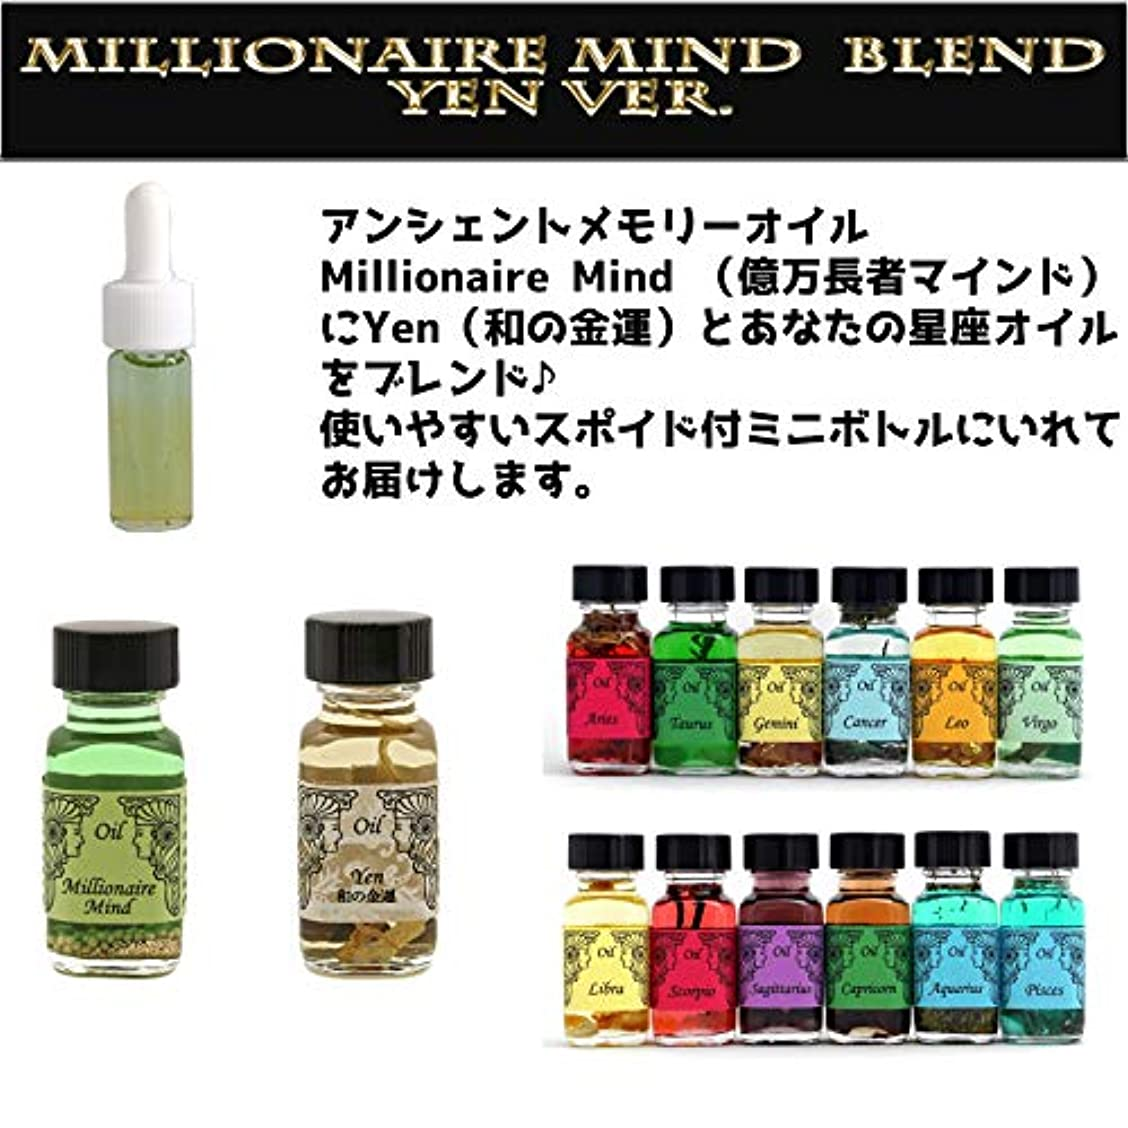 真剣に速度少年アンシェントメモリーオイル Millionaire Mind 億万長者マインド ブレンド【Yen 和の金運&おとめ座】